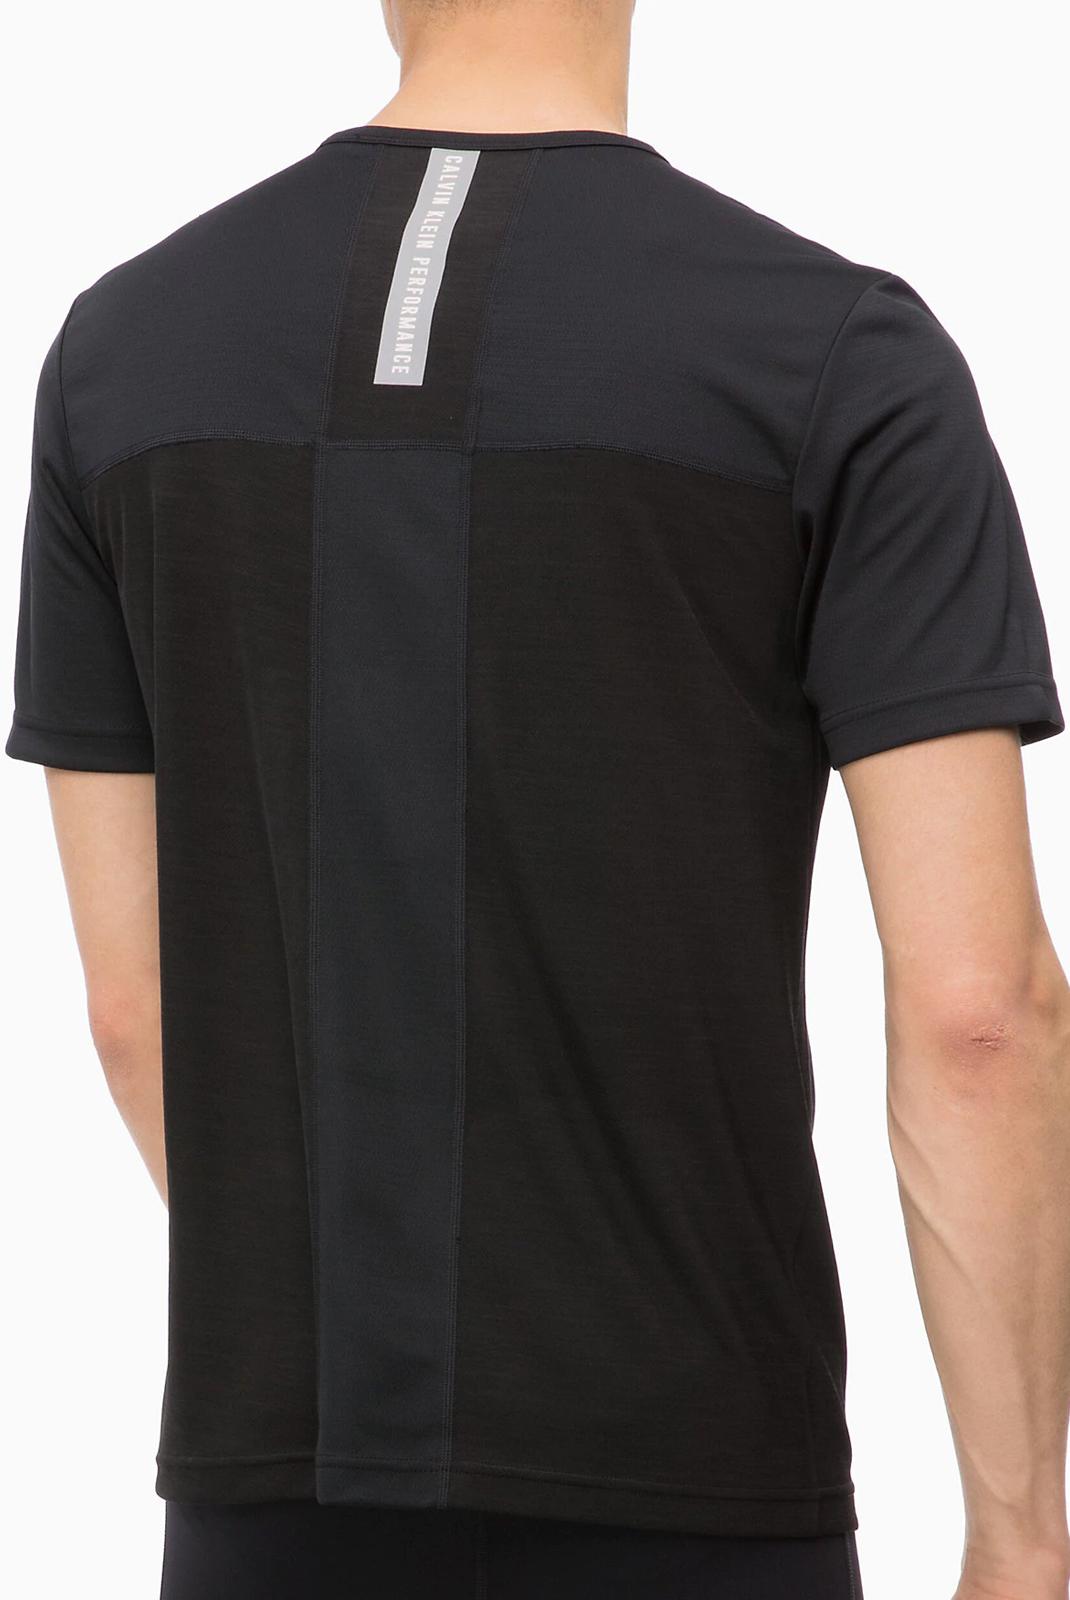 T-S manches courtes  Calvin klein 00GMS8K104-007 Black